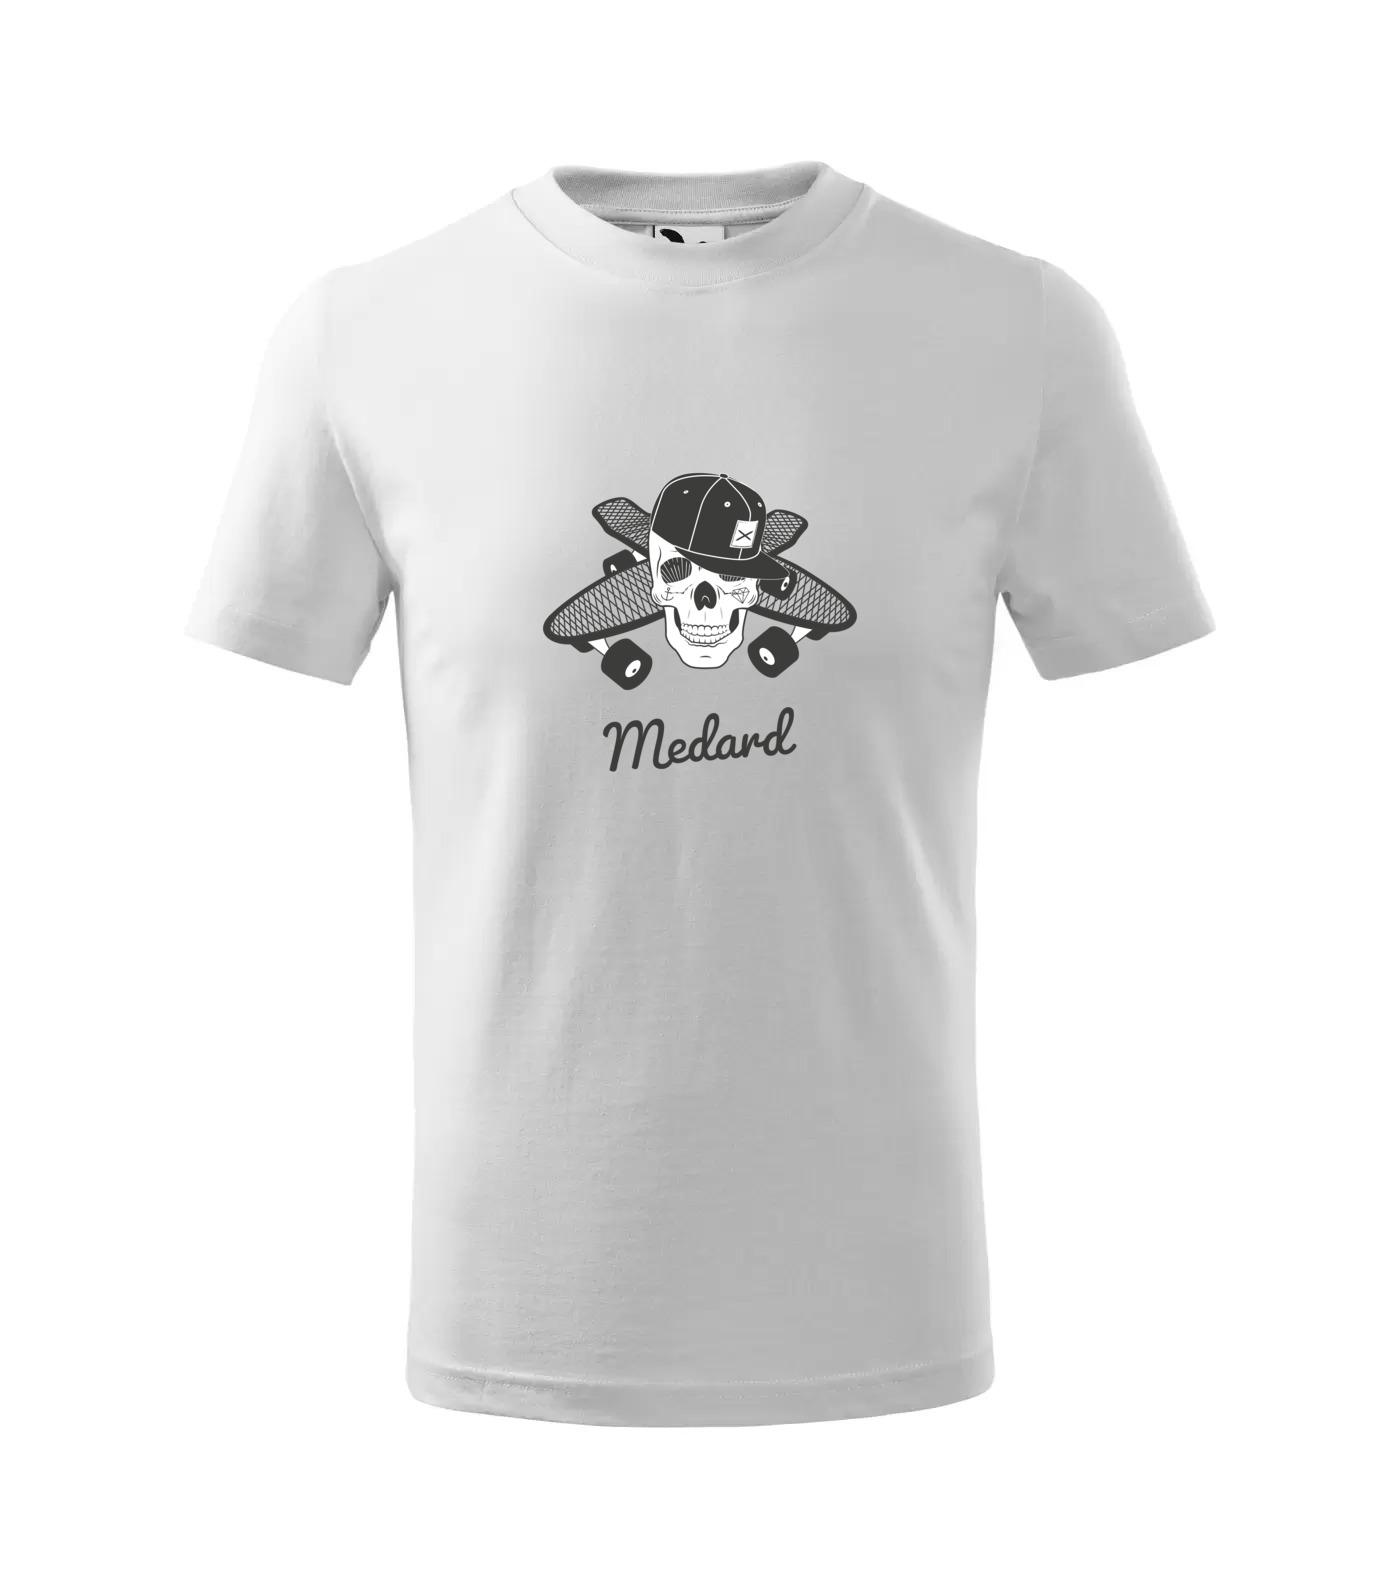 Tričko Skejťák Medard